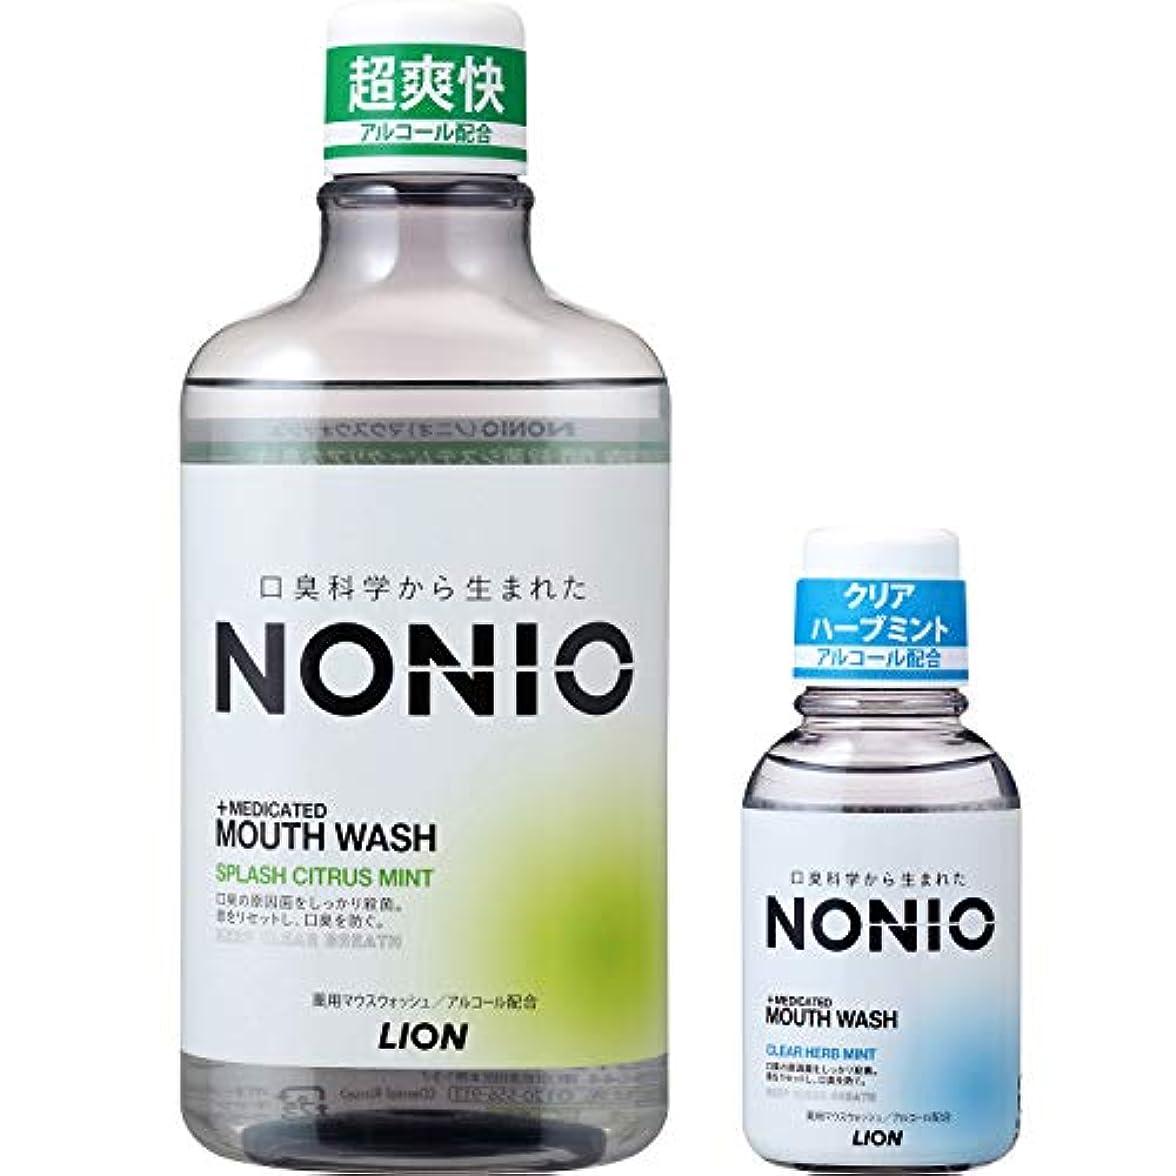 接続された起こりやすい杖[医薬部外品]NONIO マウスウォッシュ スプラッシュシトラスミント 600ml 洗口液+ミニリンス80ml